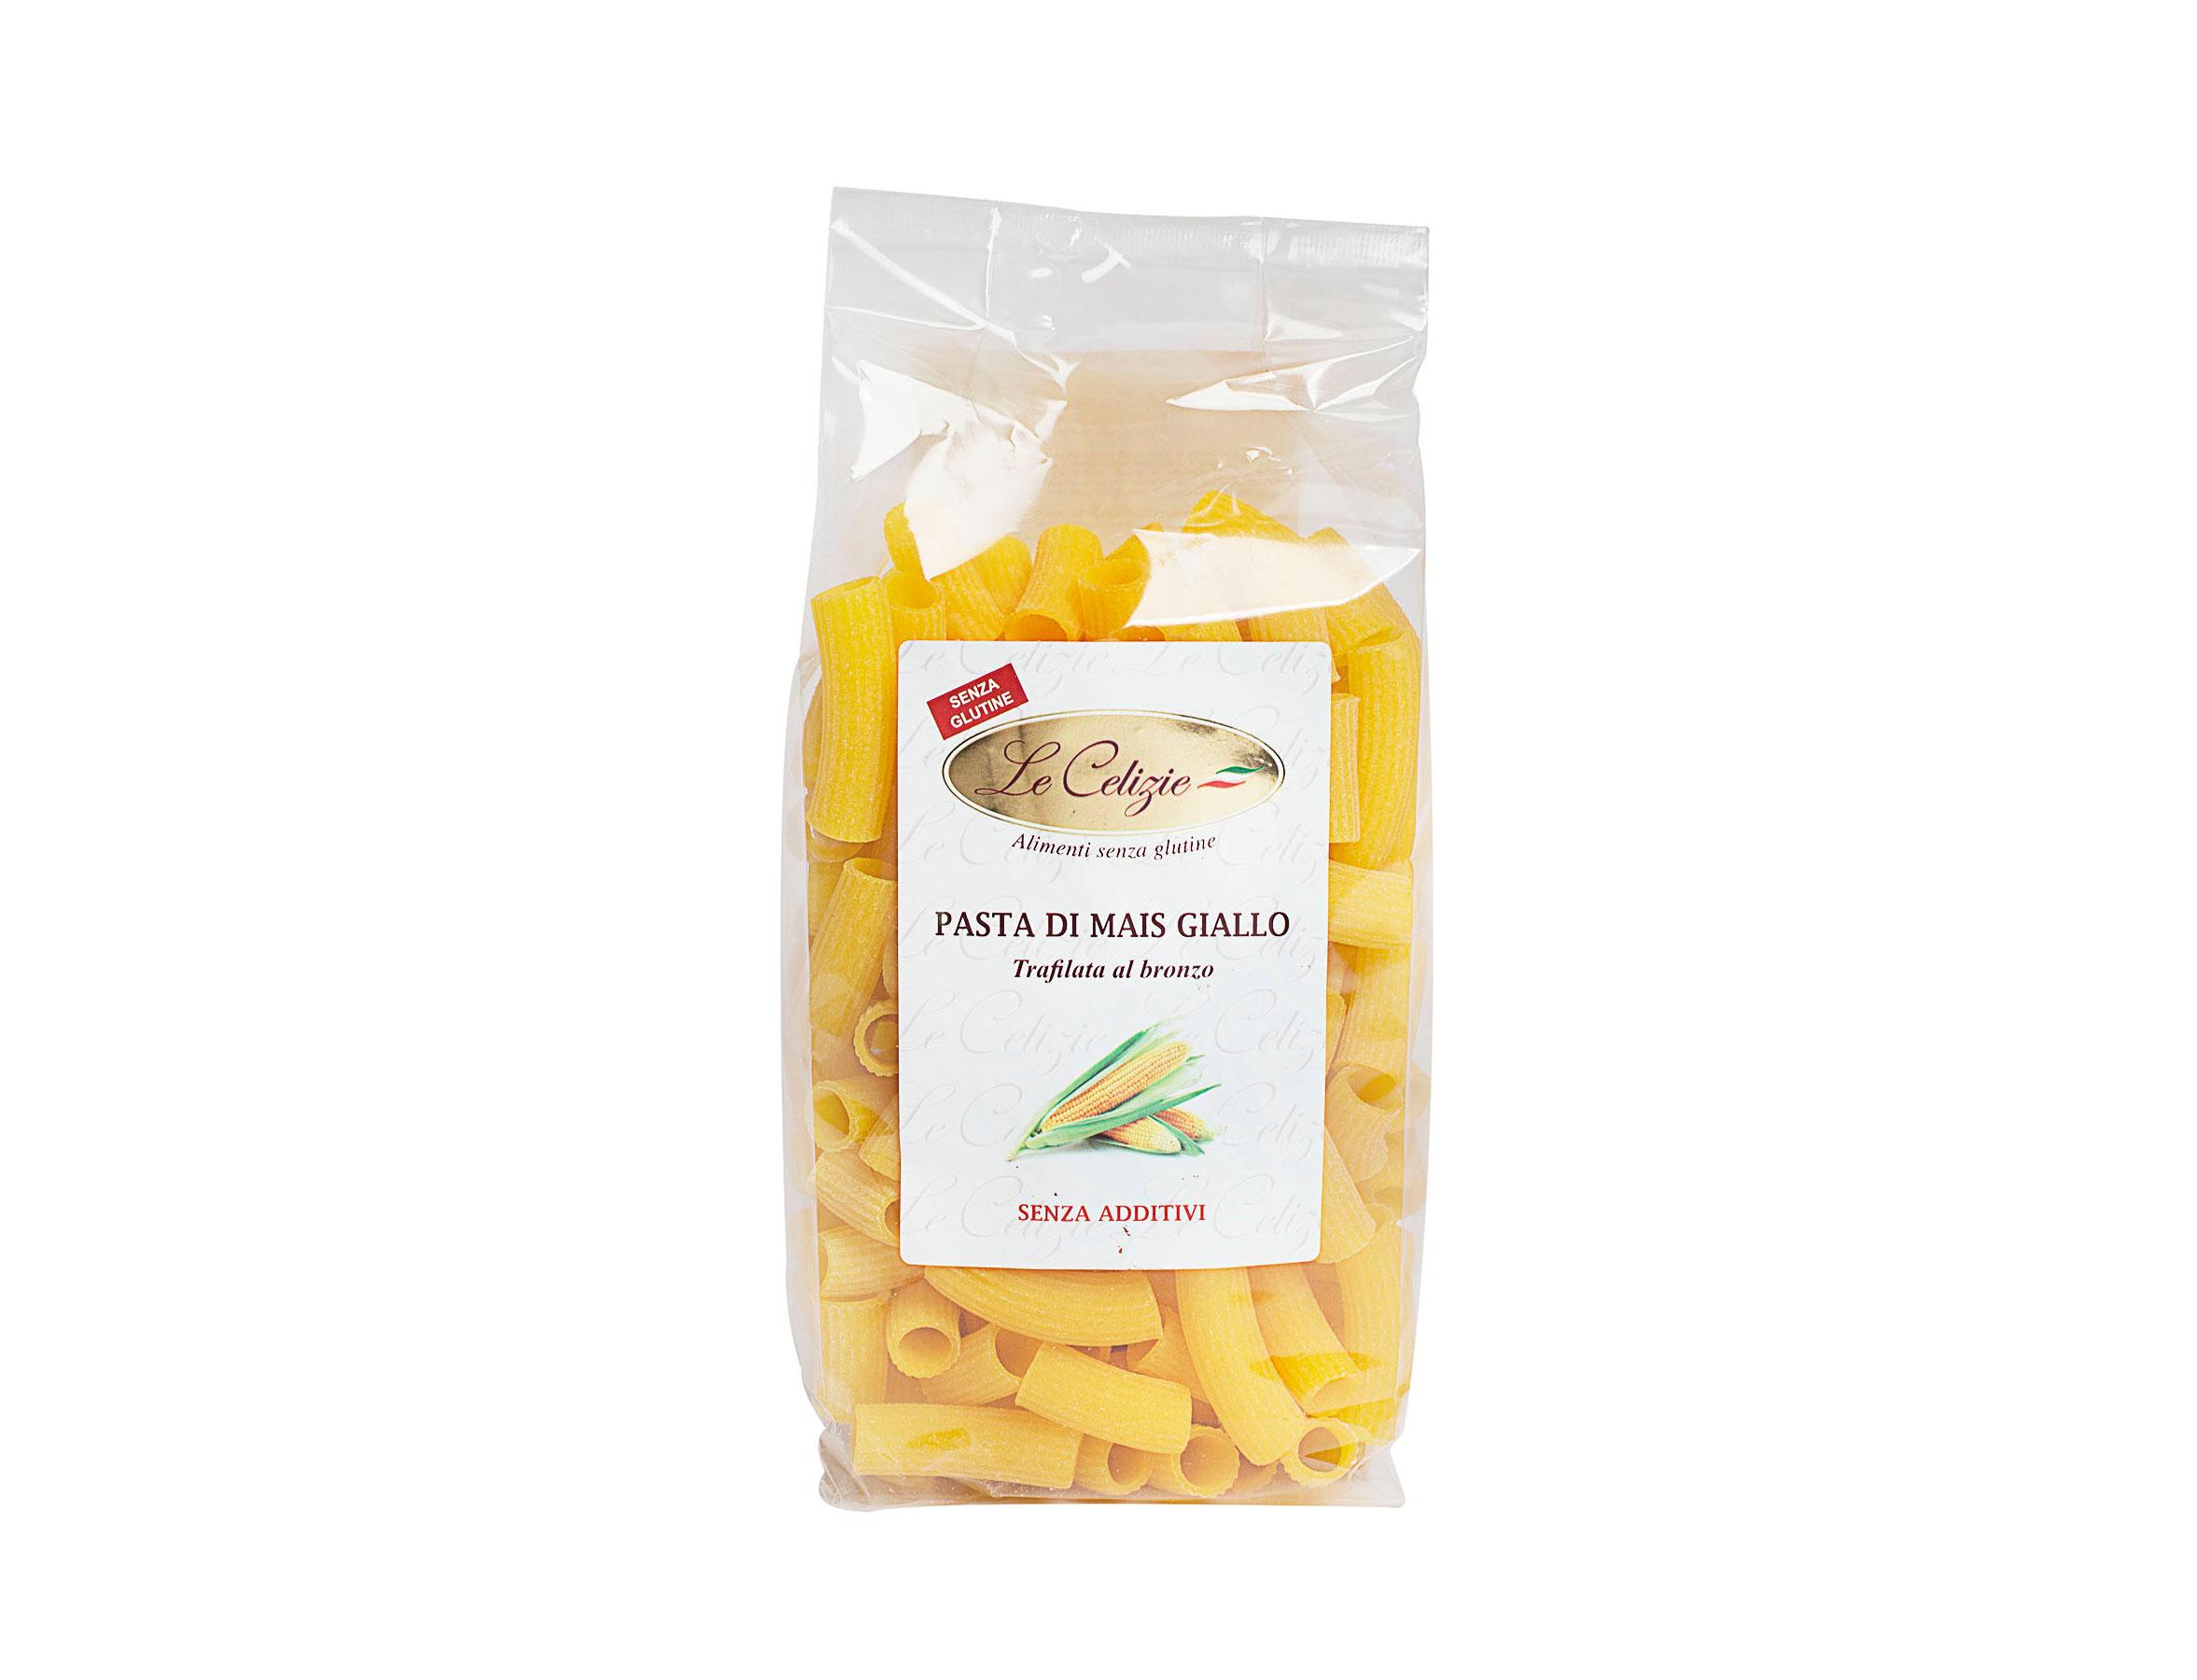 Maccheroni Pasta Di Mais Giallo senza glutine